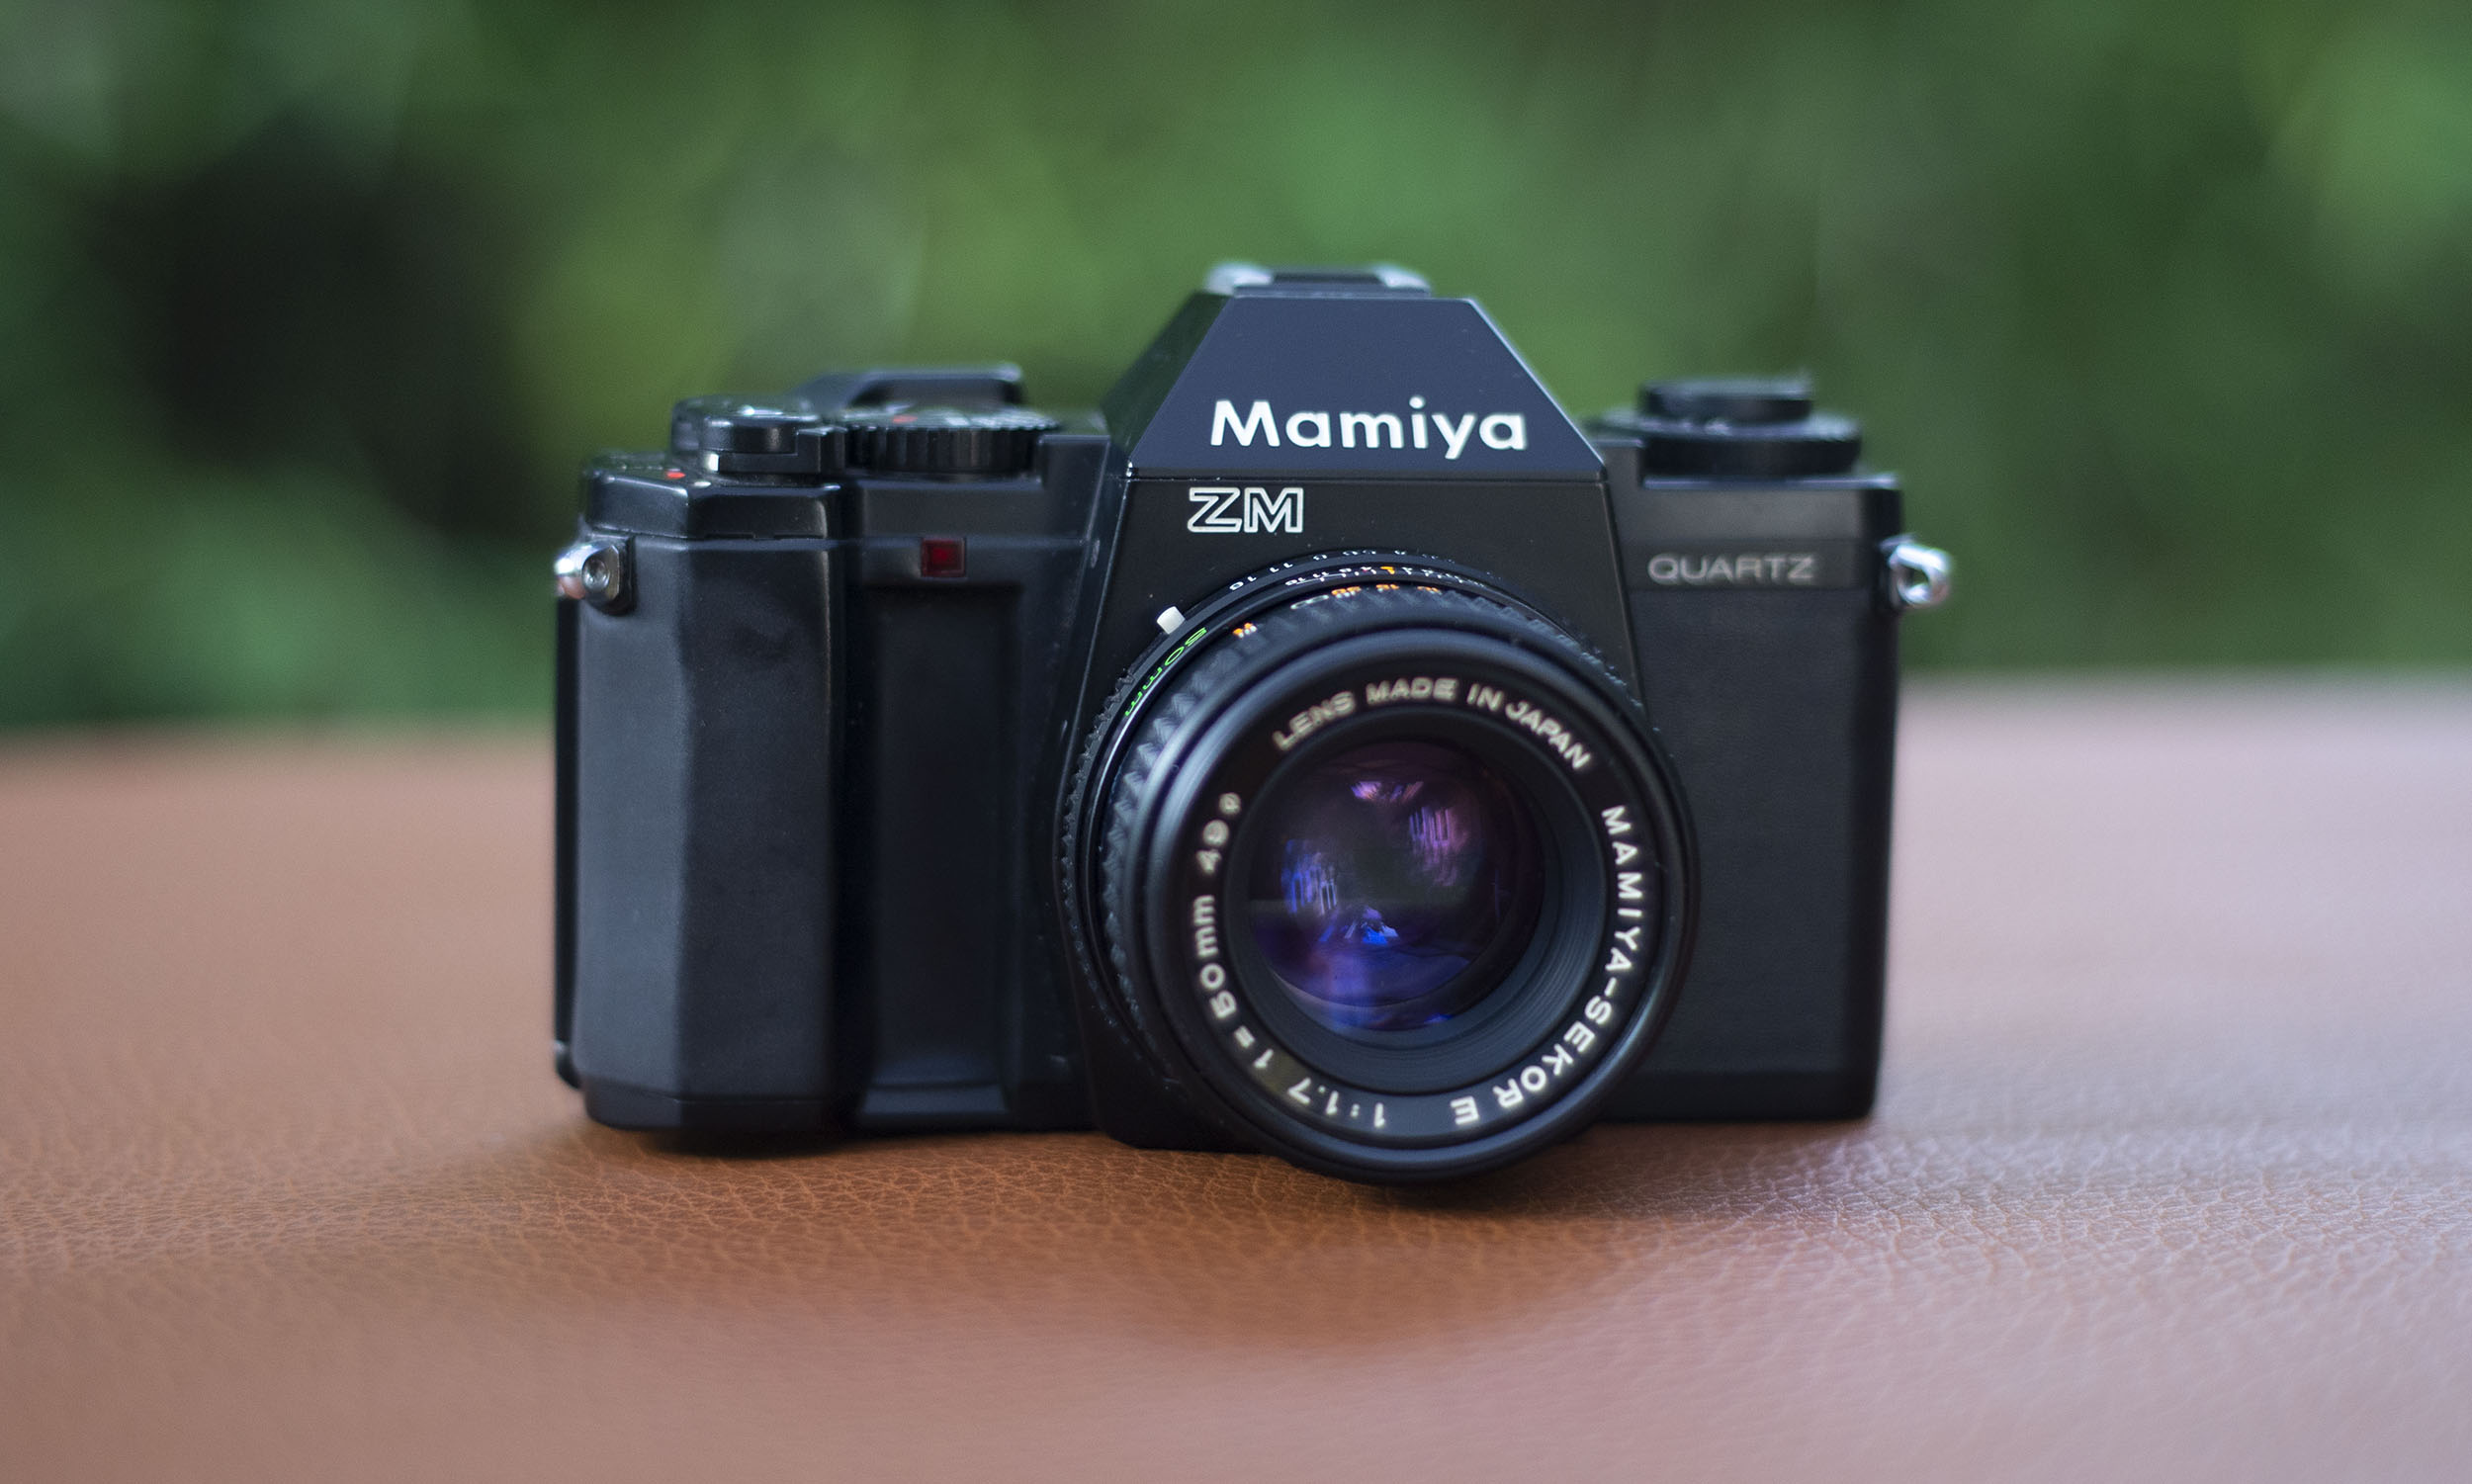 Mamiya ZM 35mm film camera